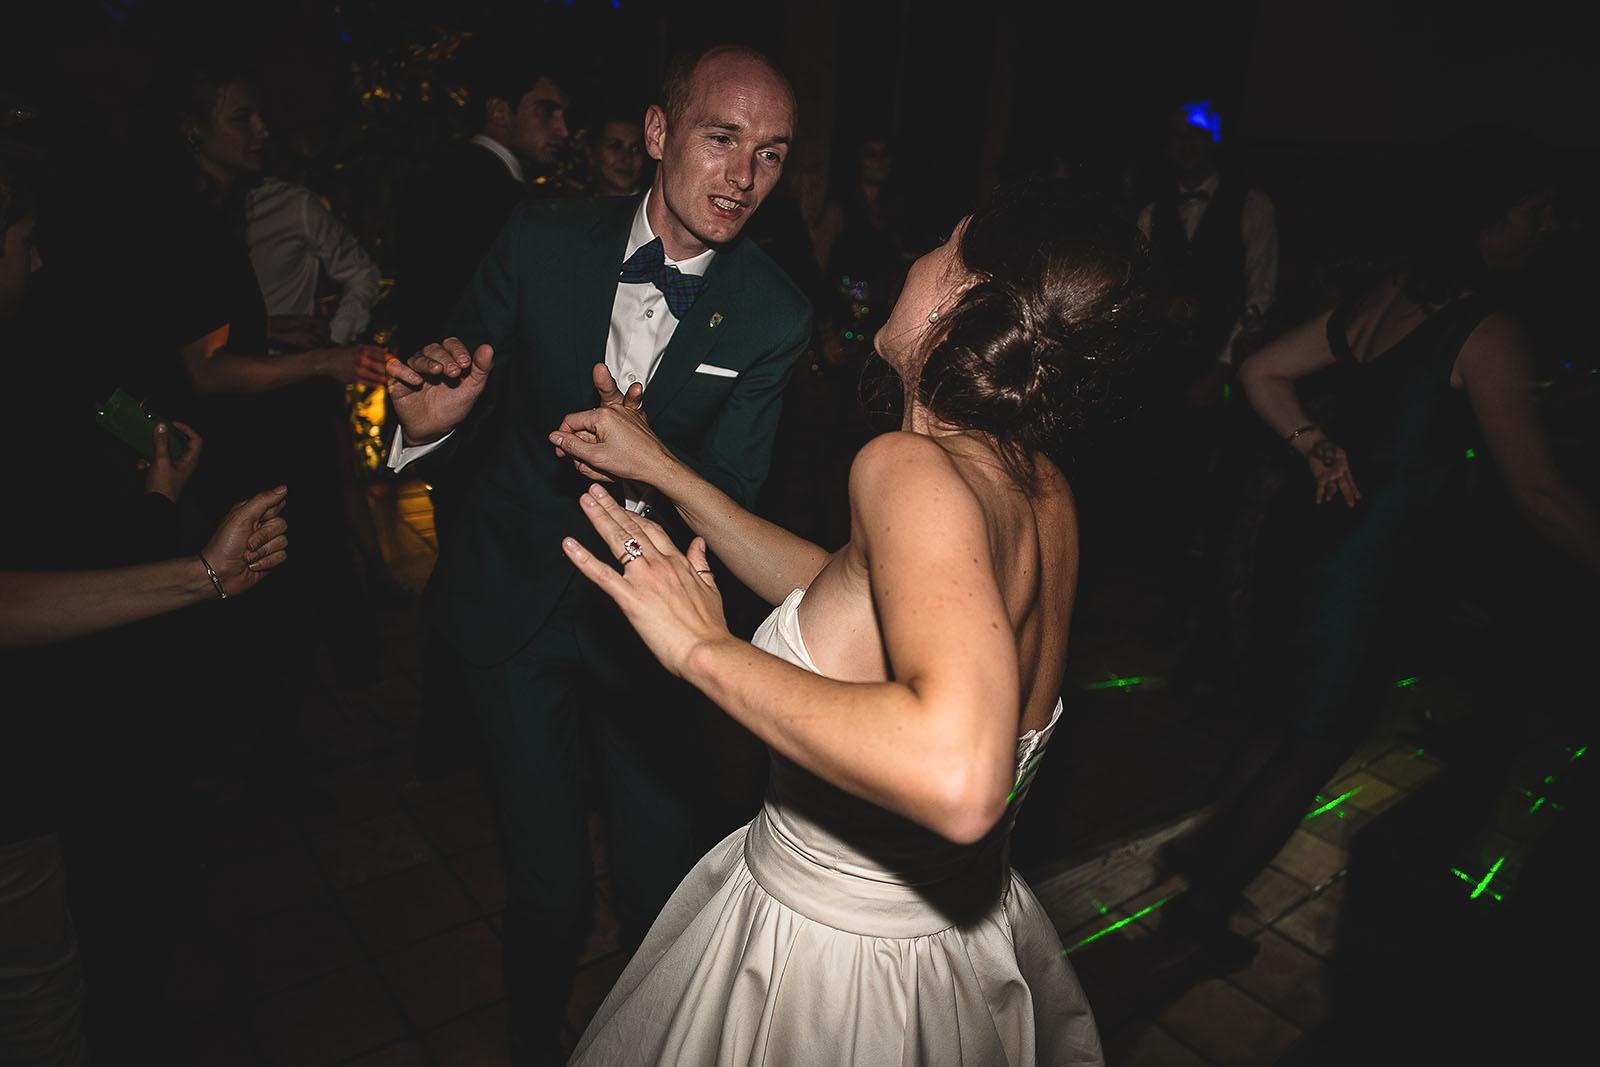 Mariage Manoir des Prévanches. David Pommier photographe de mariage. Les mariés dansent du rock